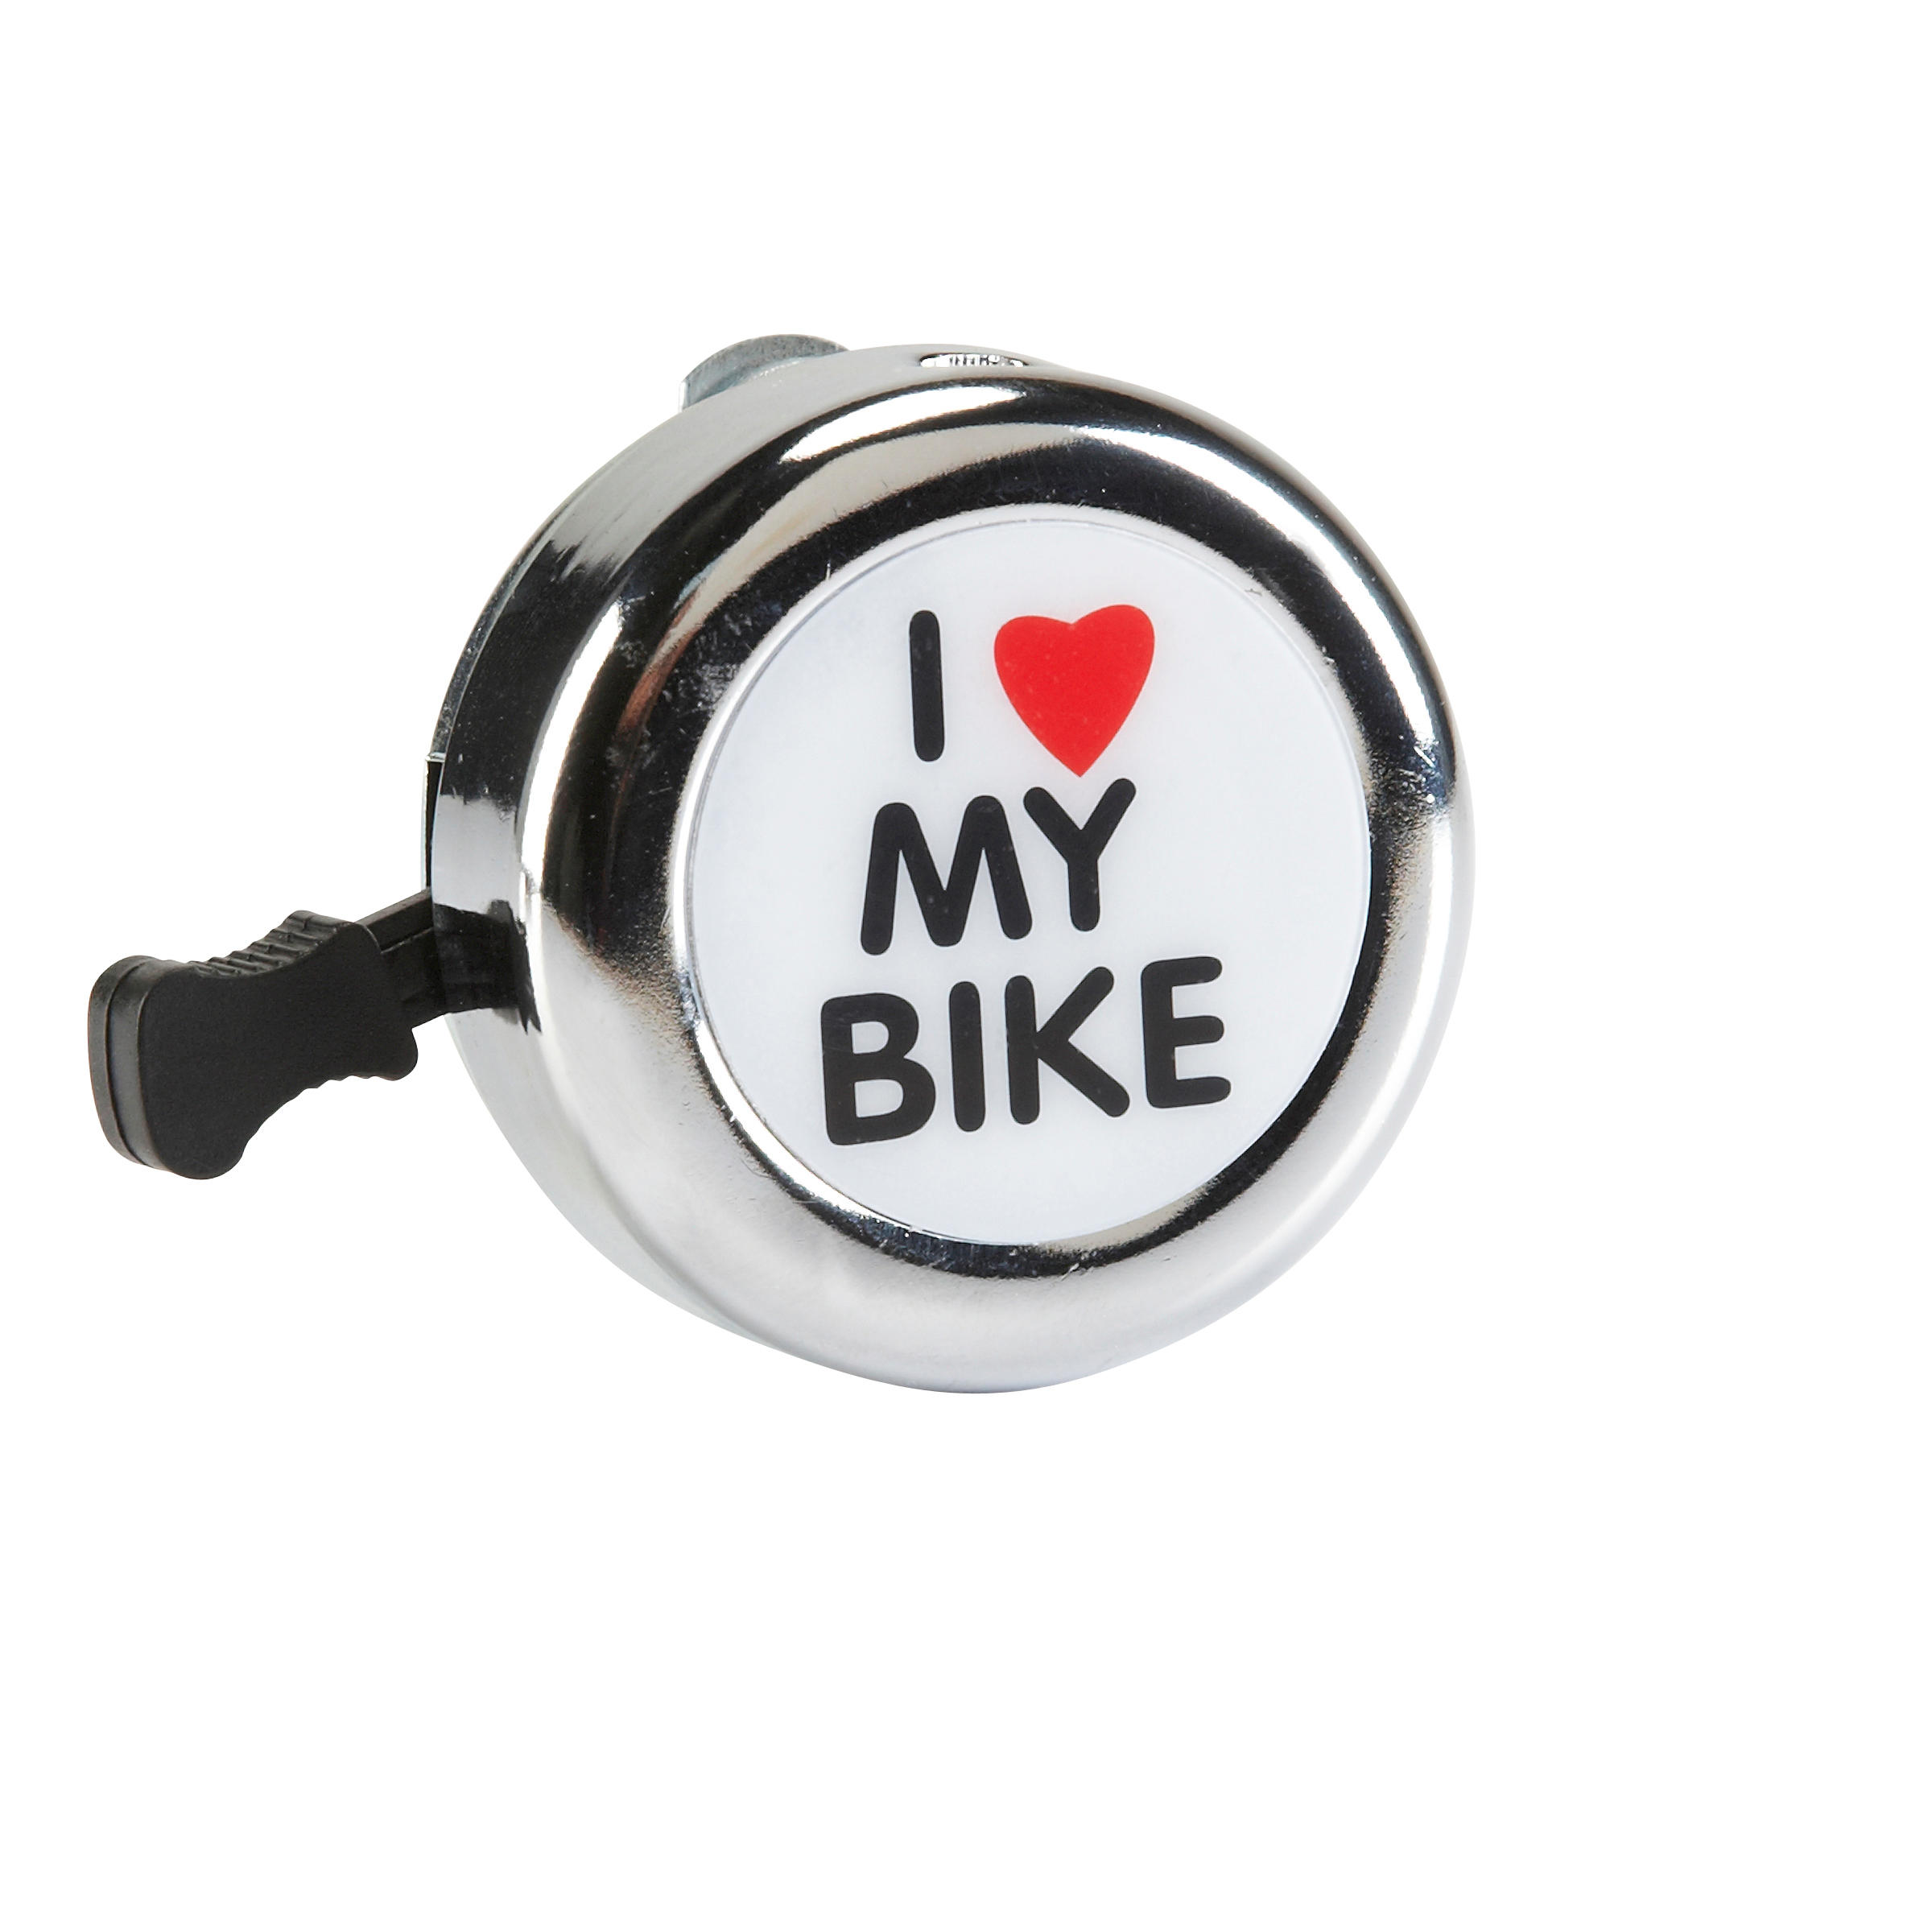 500 Bike Bell - Love